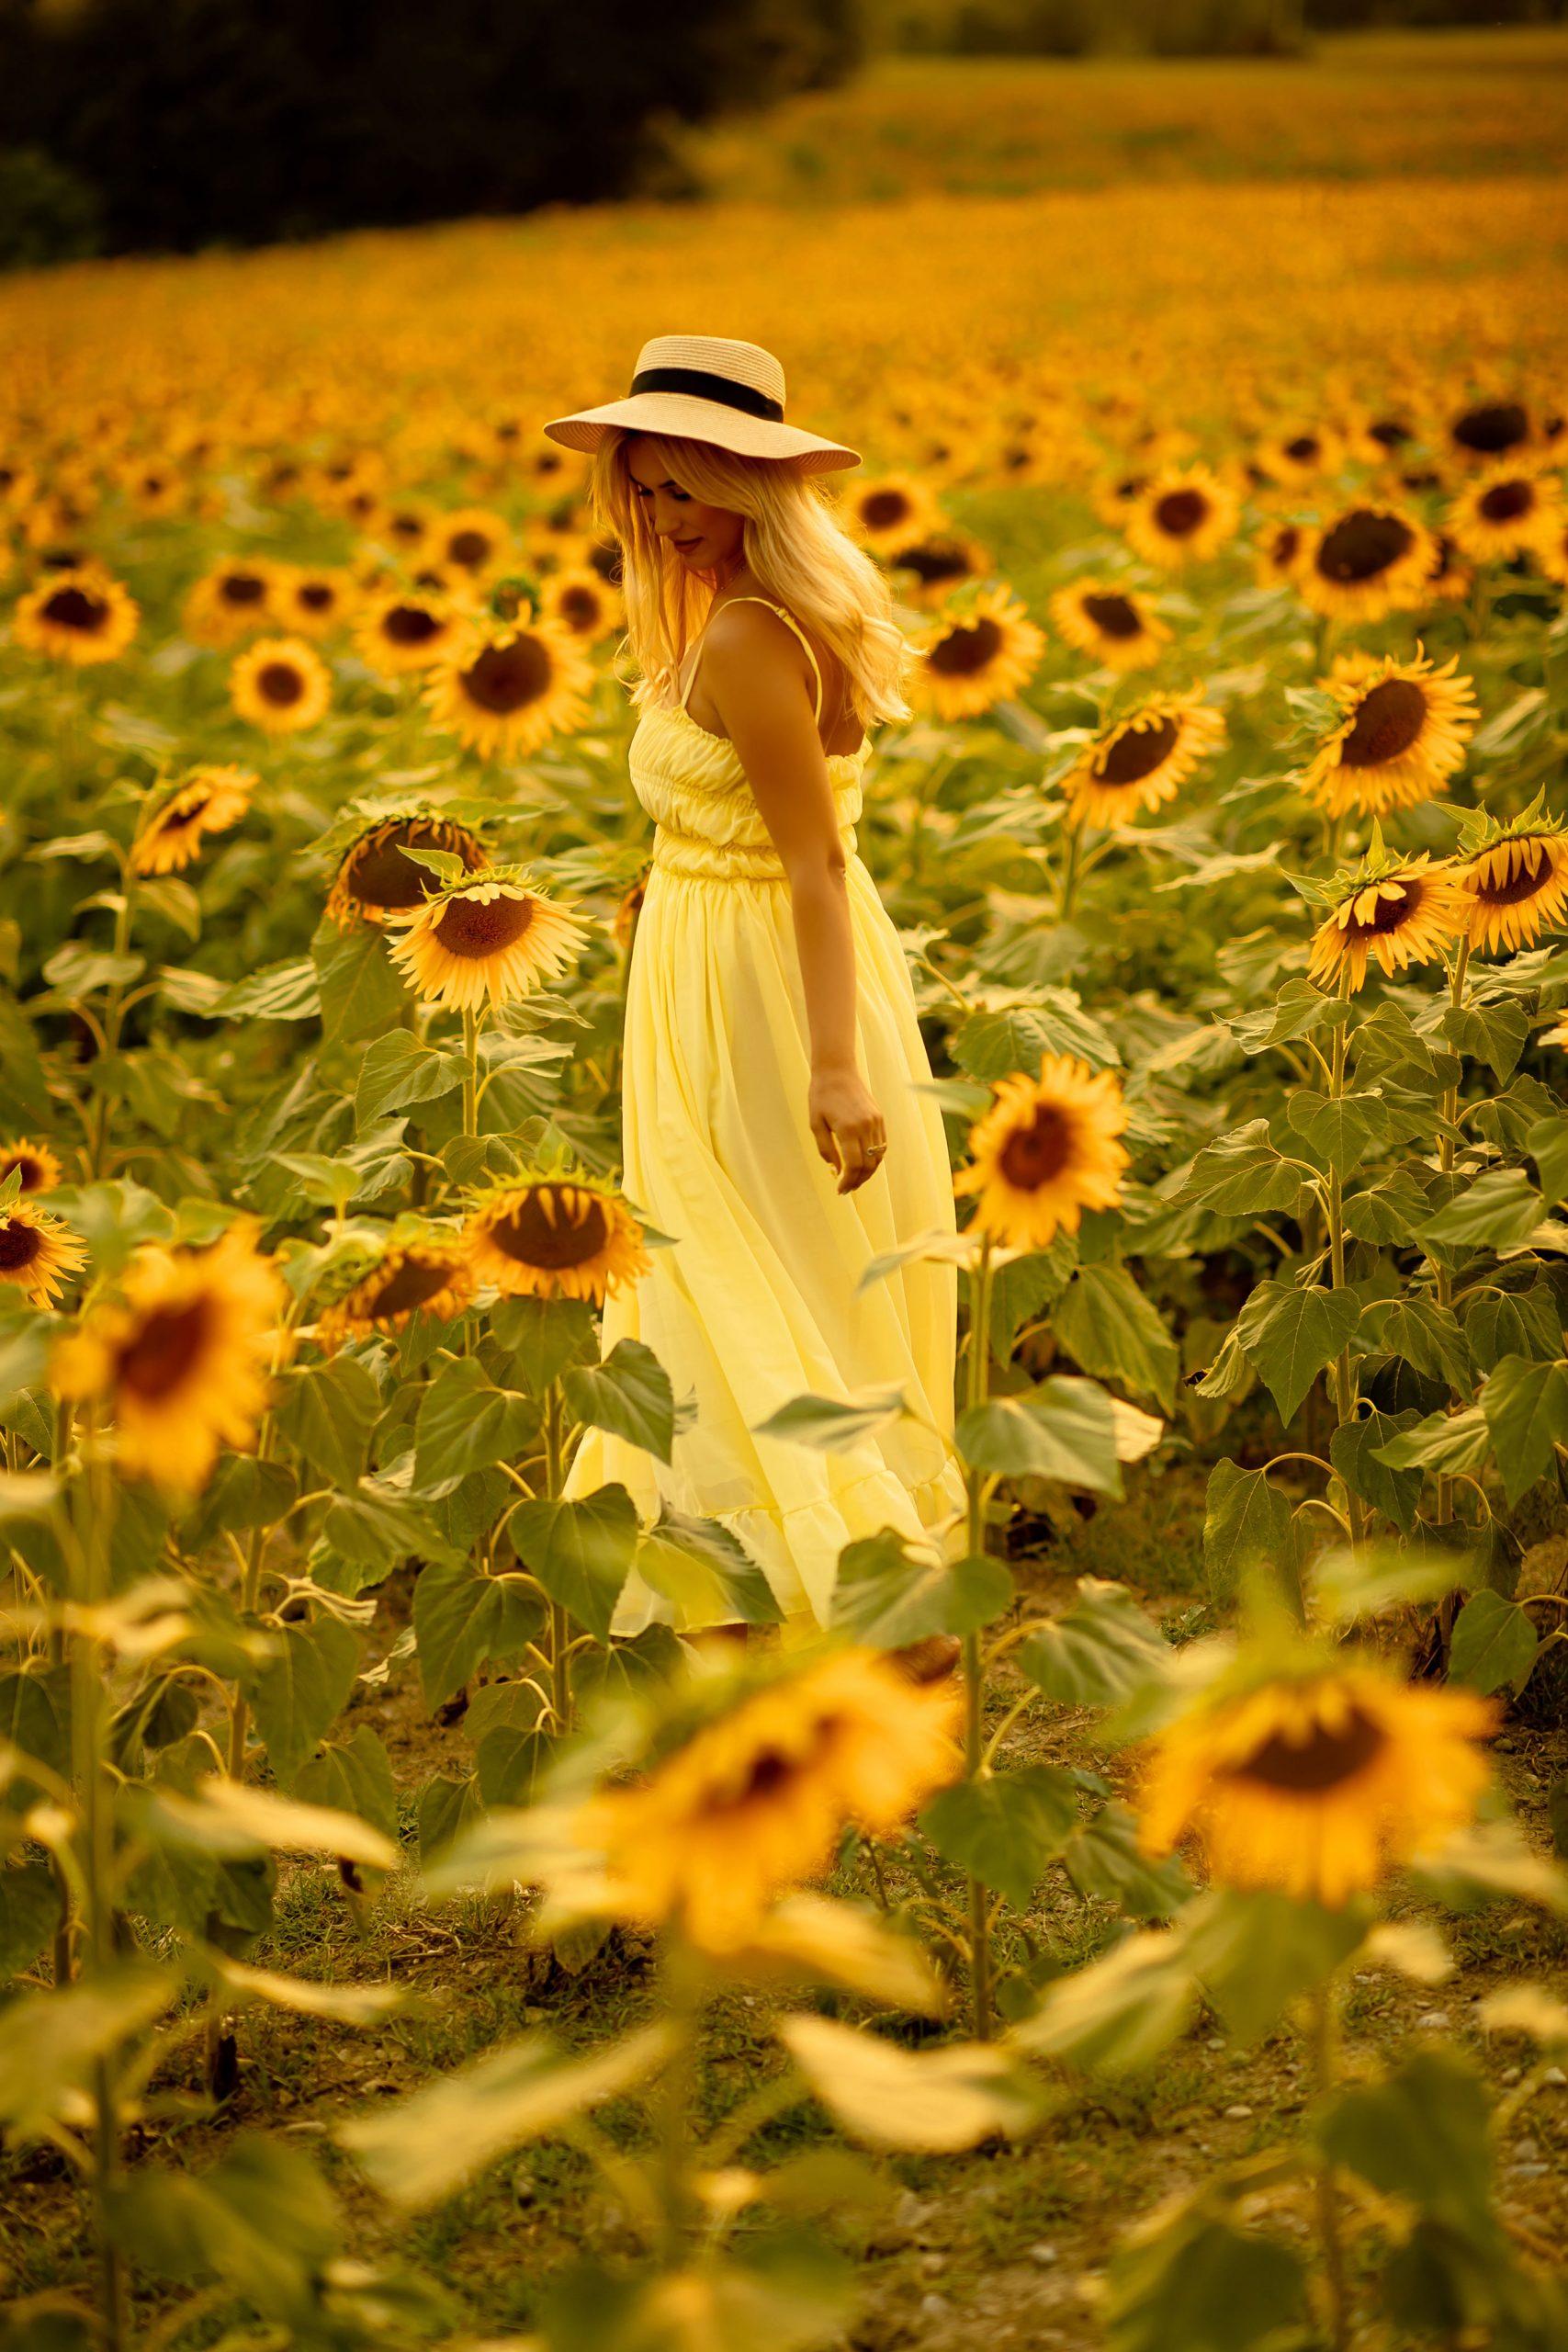 Beautiful girl wearing a yellow chiffon dress on a sunflower field